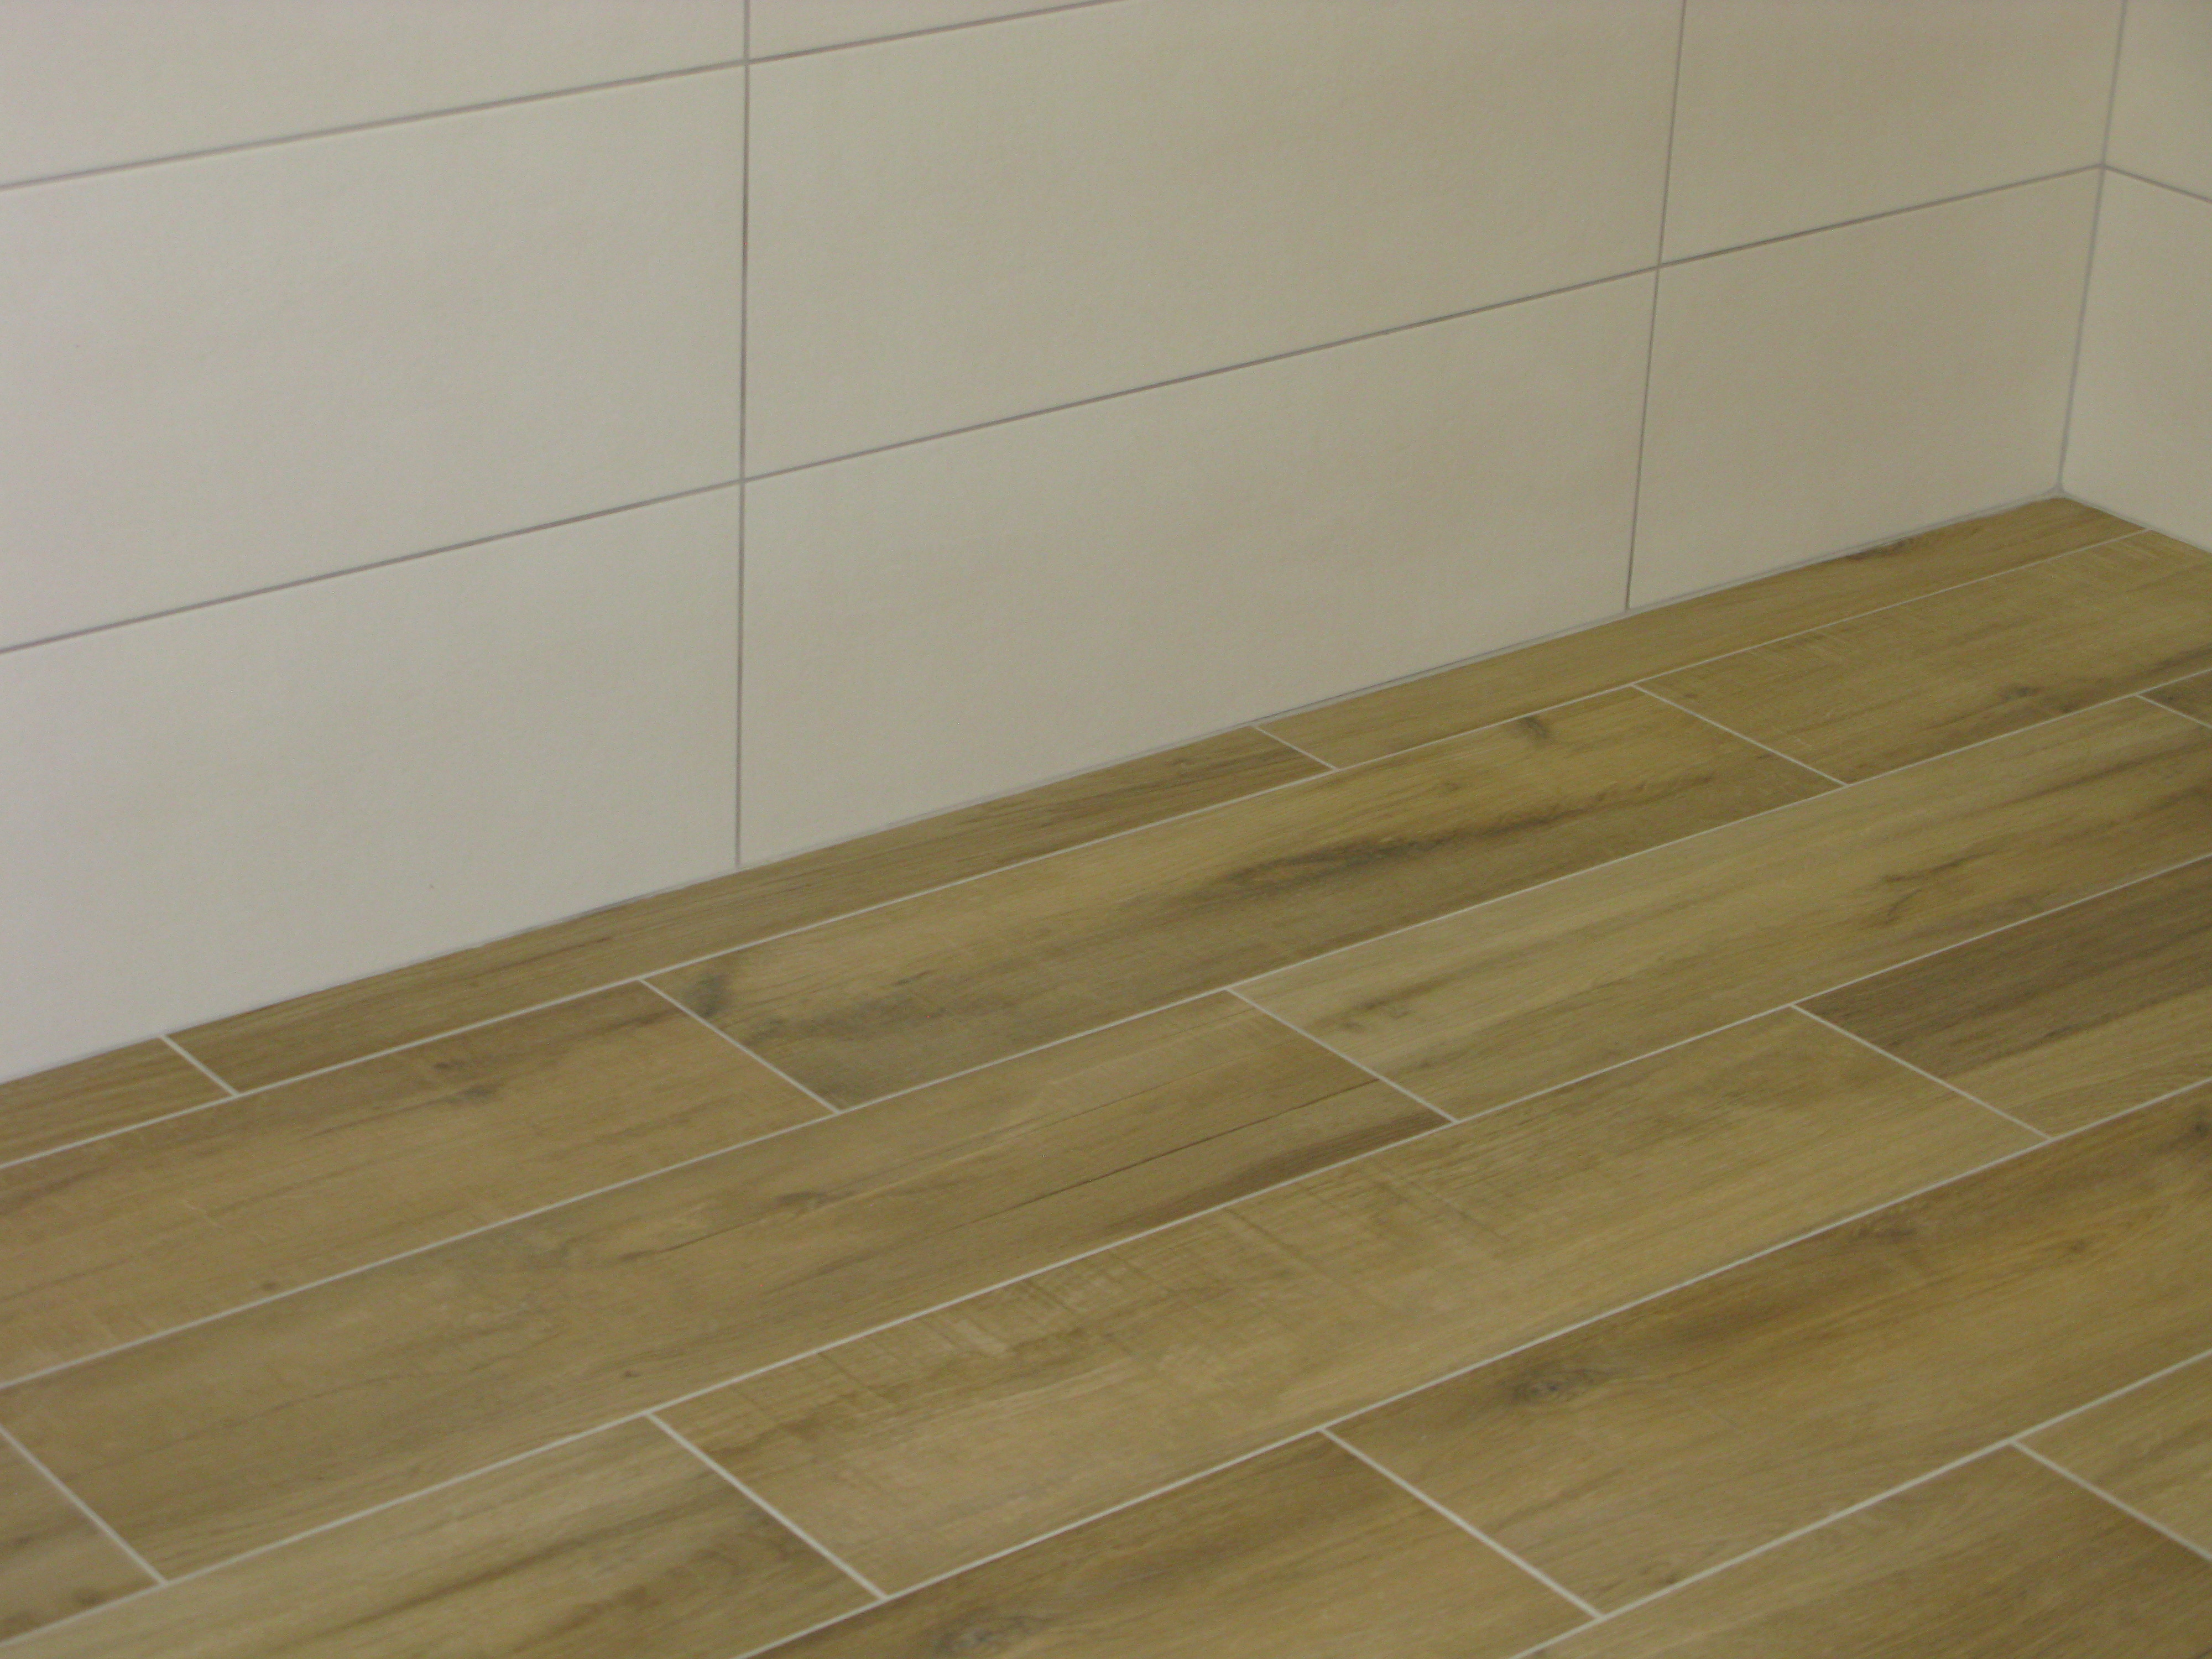 carrelage salle de bain 25x75 Sunset et Blind Saloni